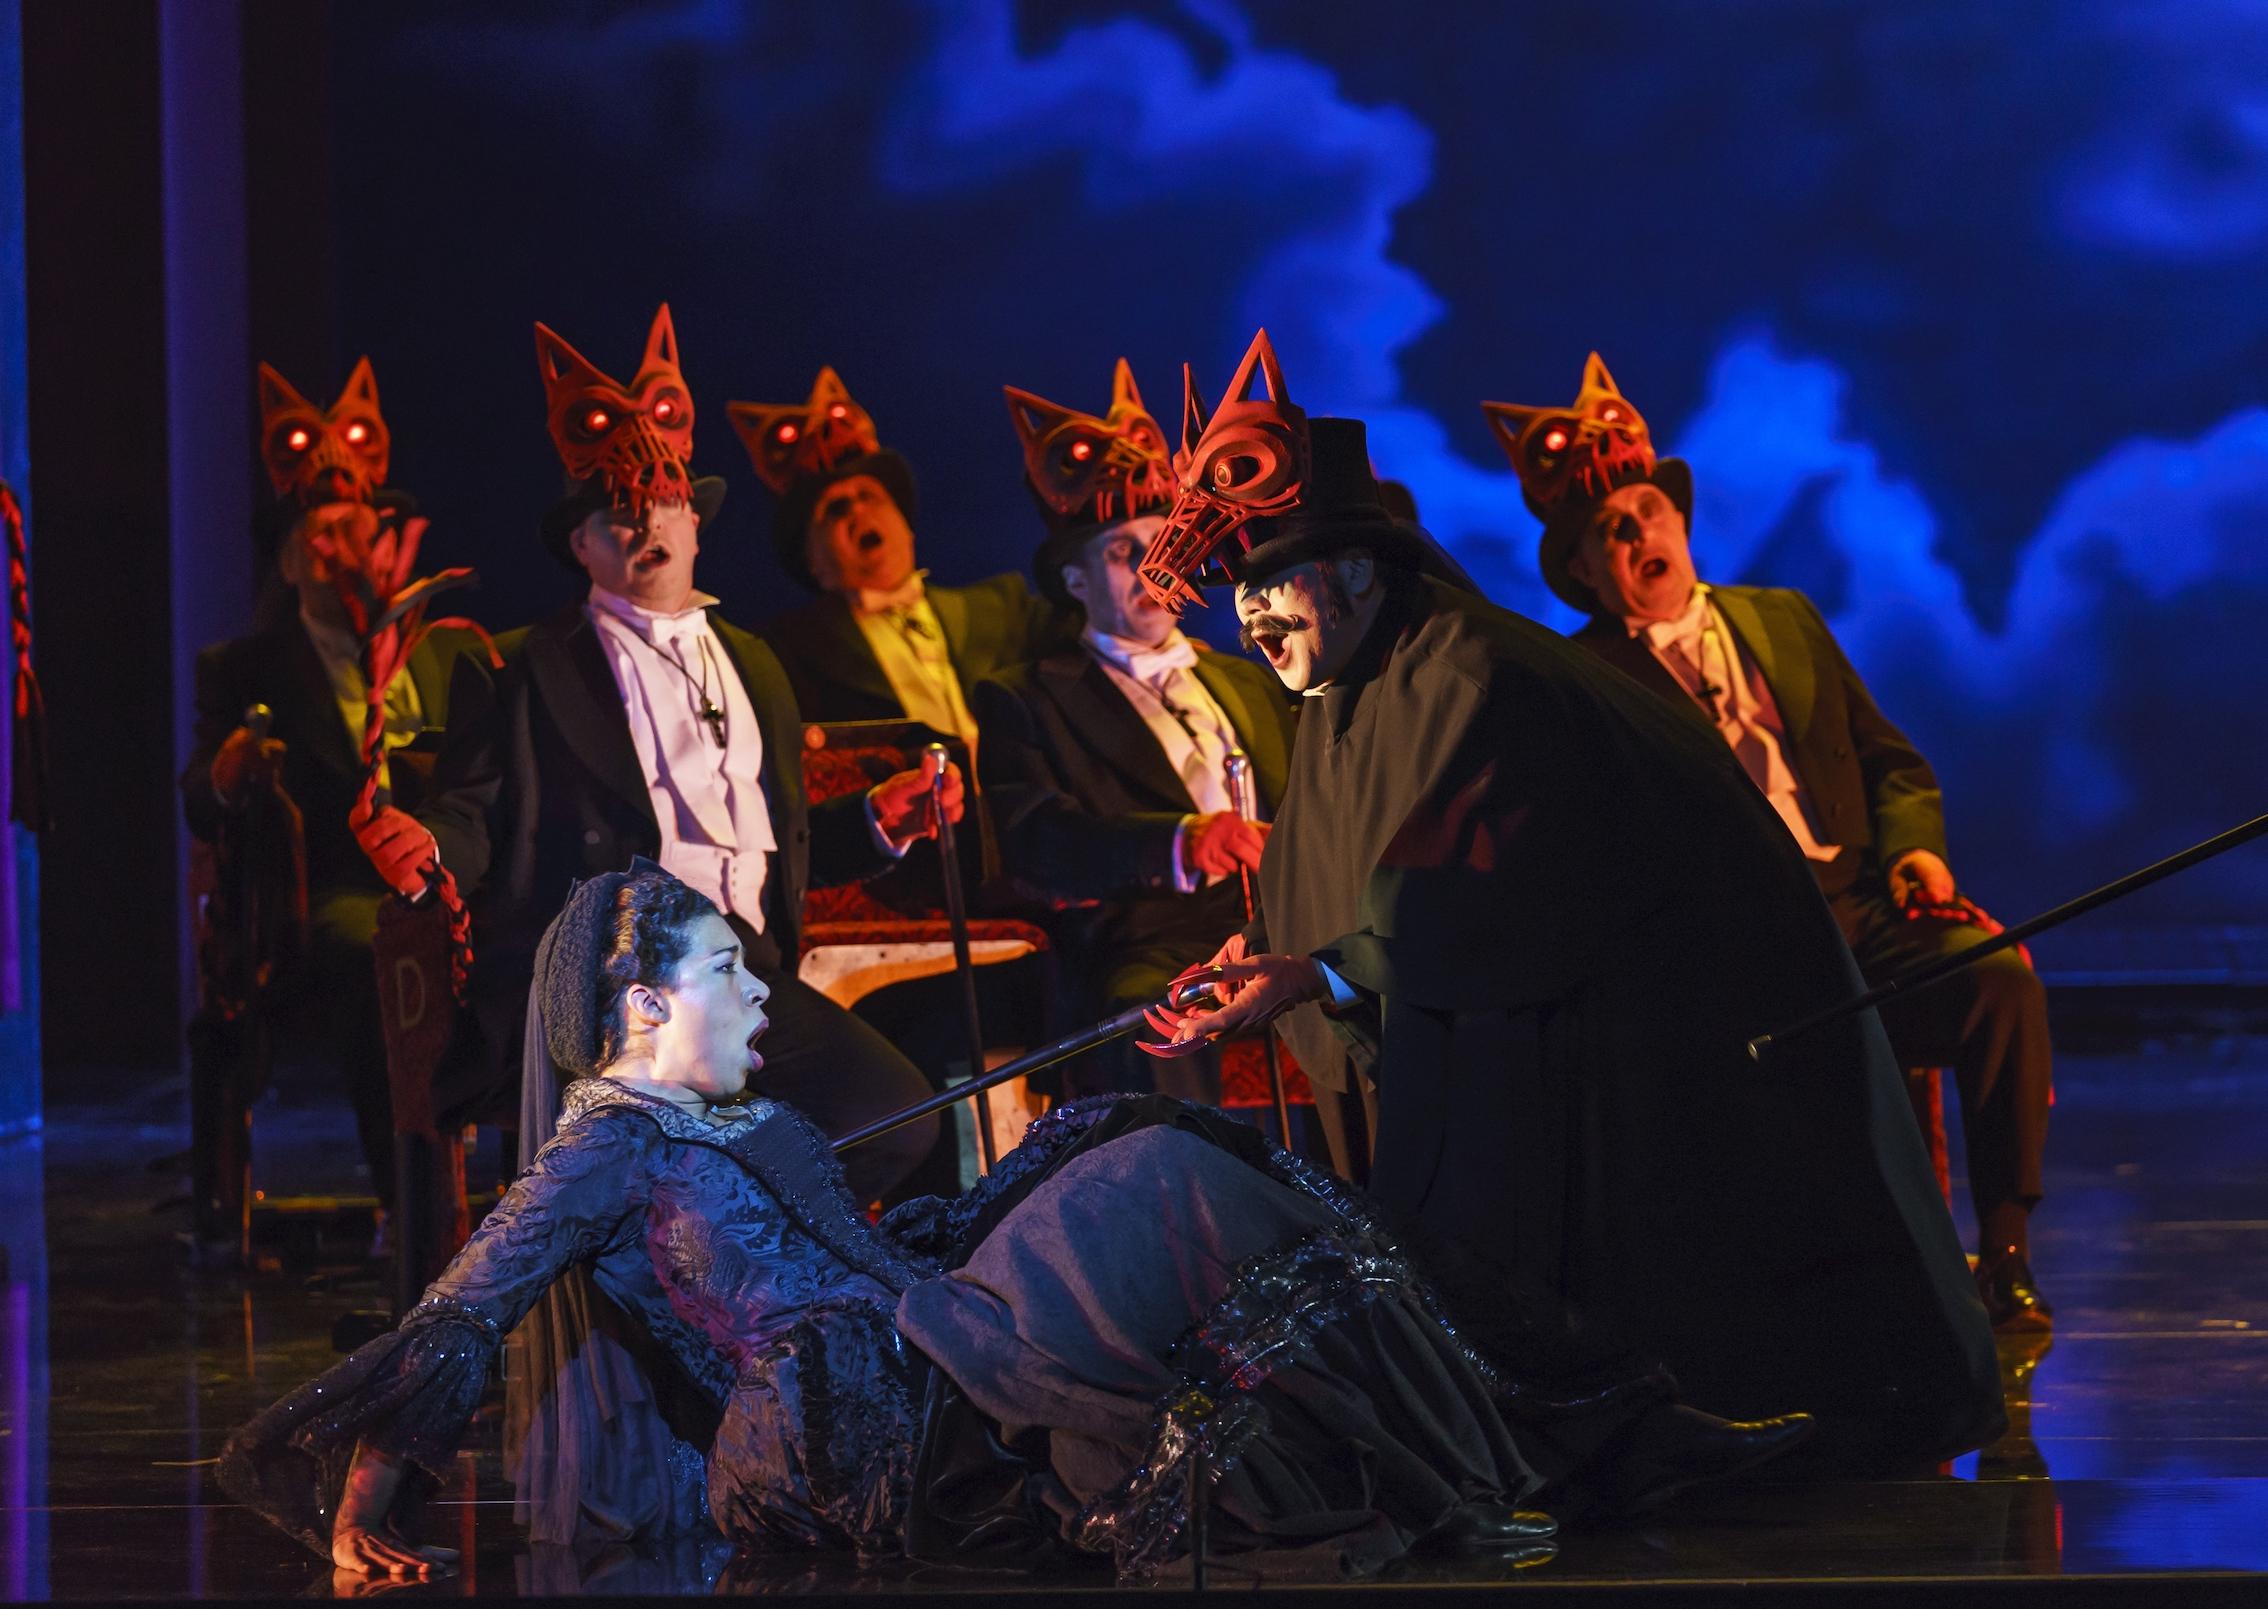 Un ballo in maschera, Welsh National Opera